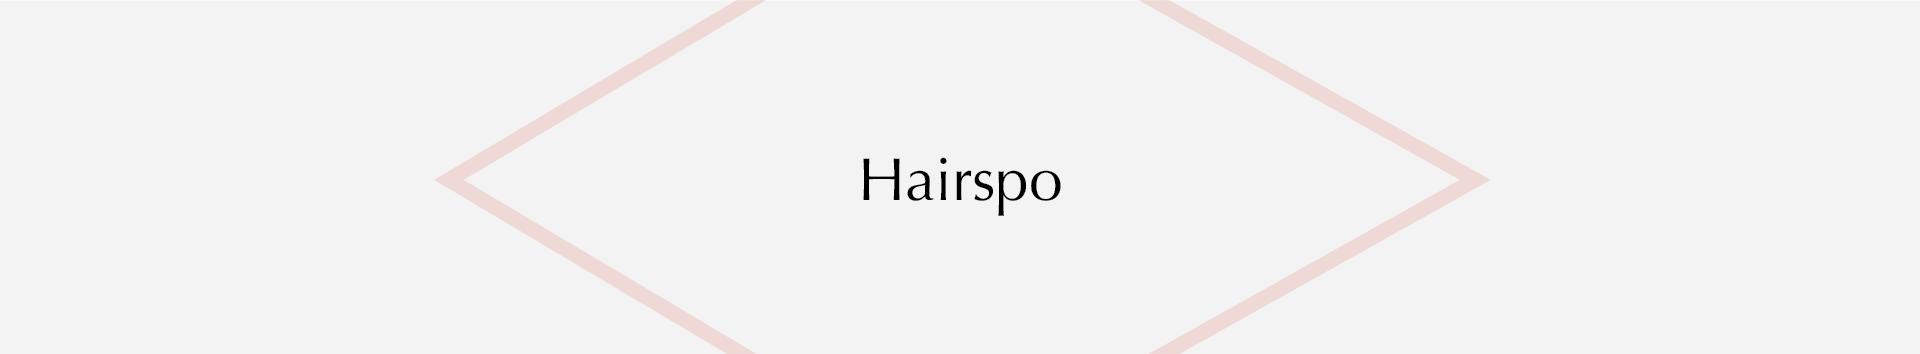 hairspo2.png